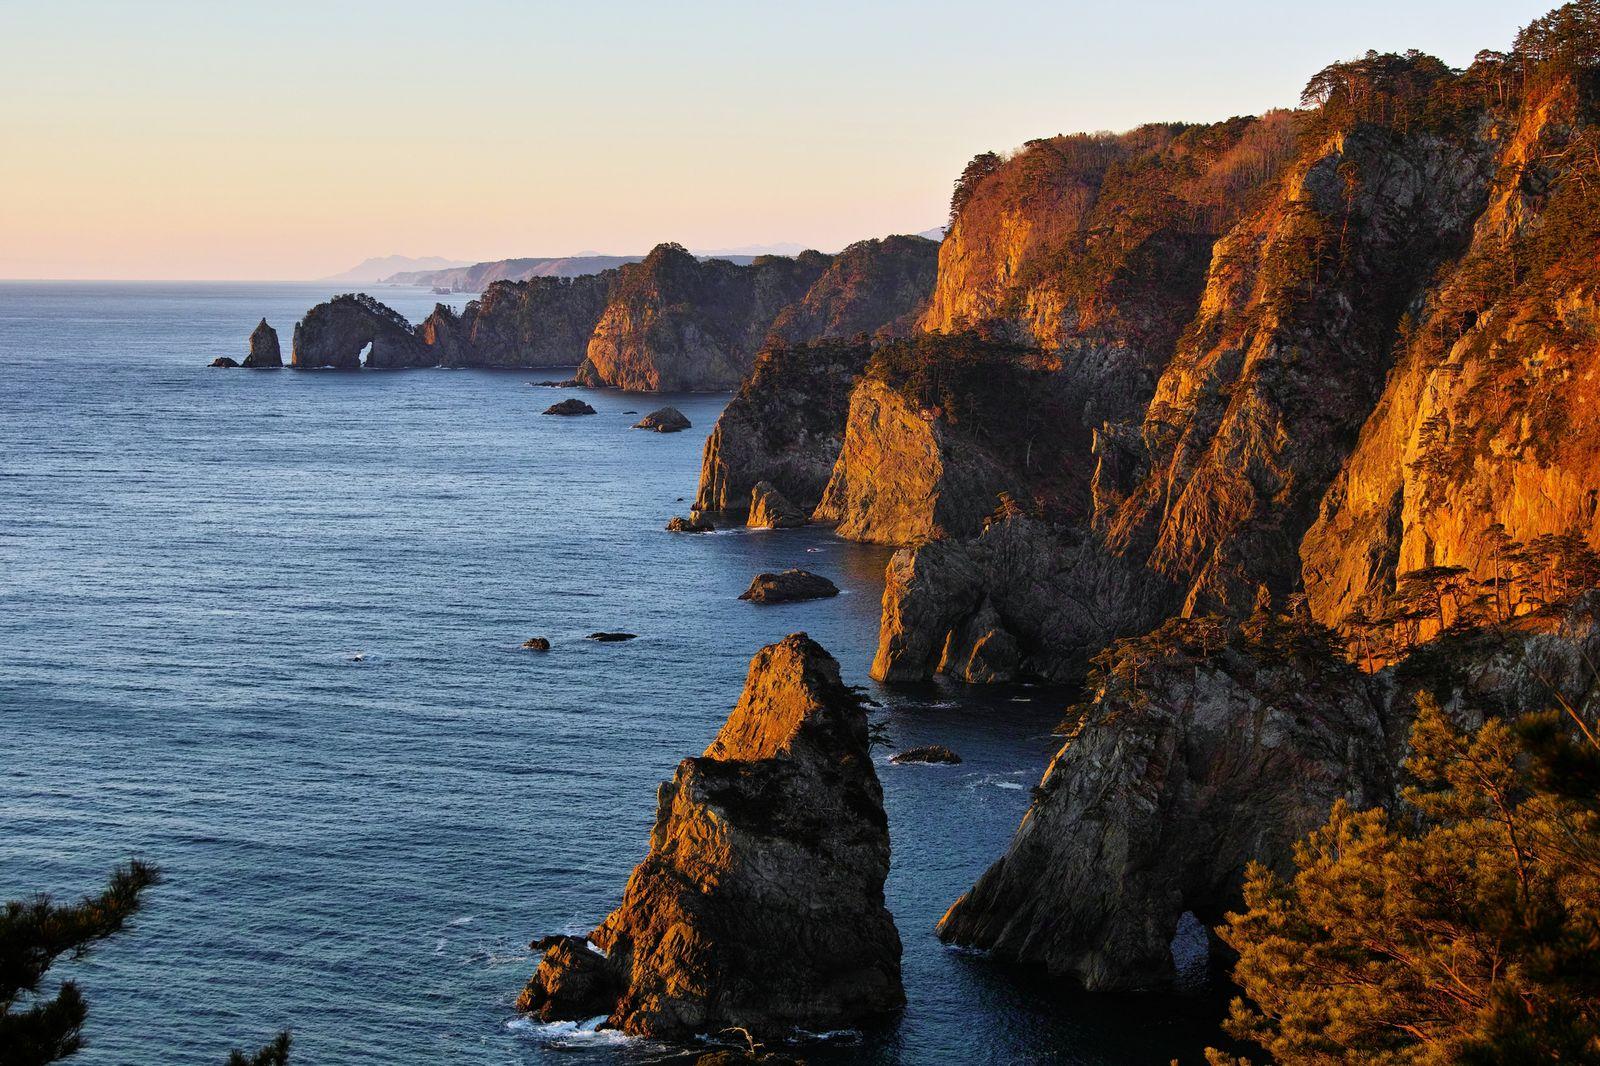 断崖絶壁ビューティフル。岩手「北山崎」の絶景にあなたも息をのむ                当サイト内のおでかけ情報に関してこのまとめ記事の目次